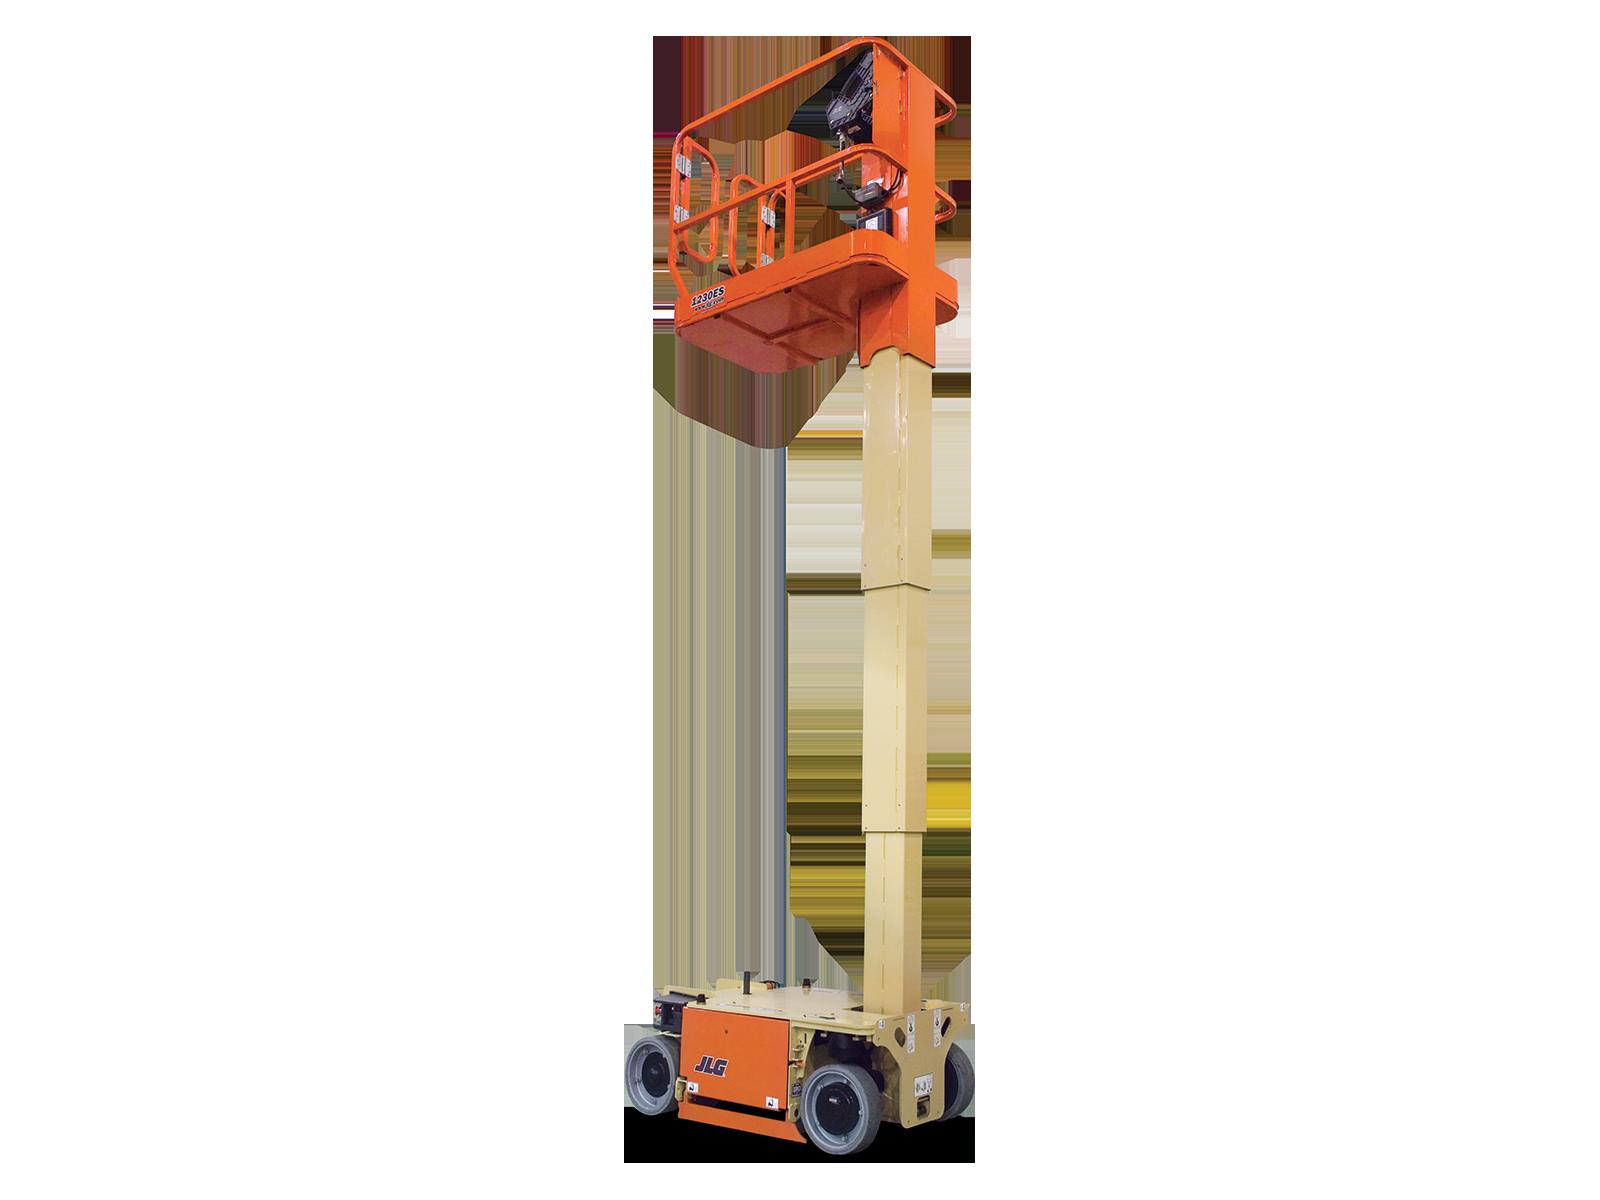 12 Ft Single Man-lift   Electric   New York City, NY